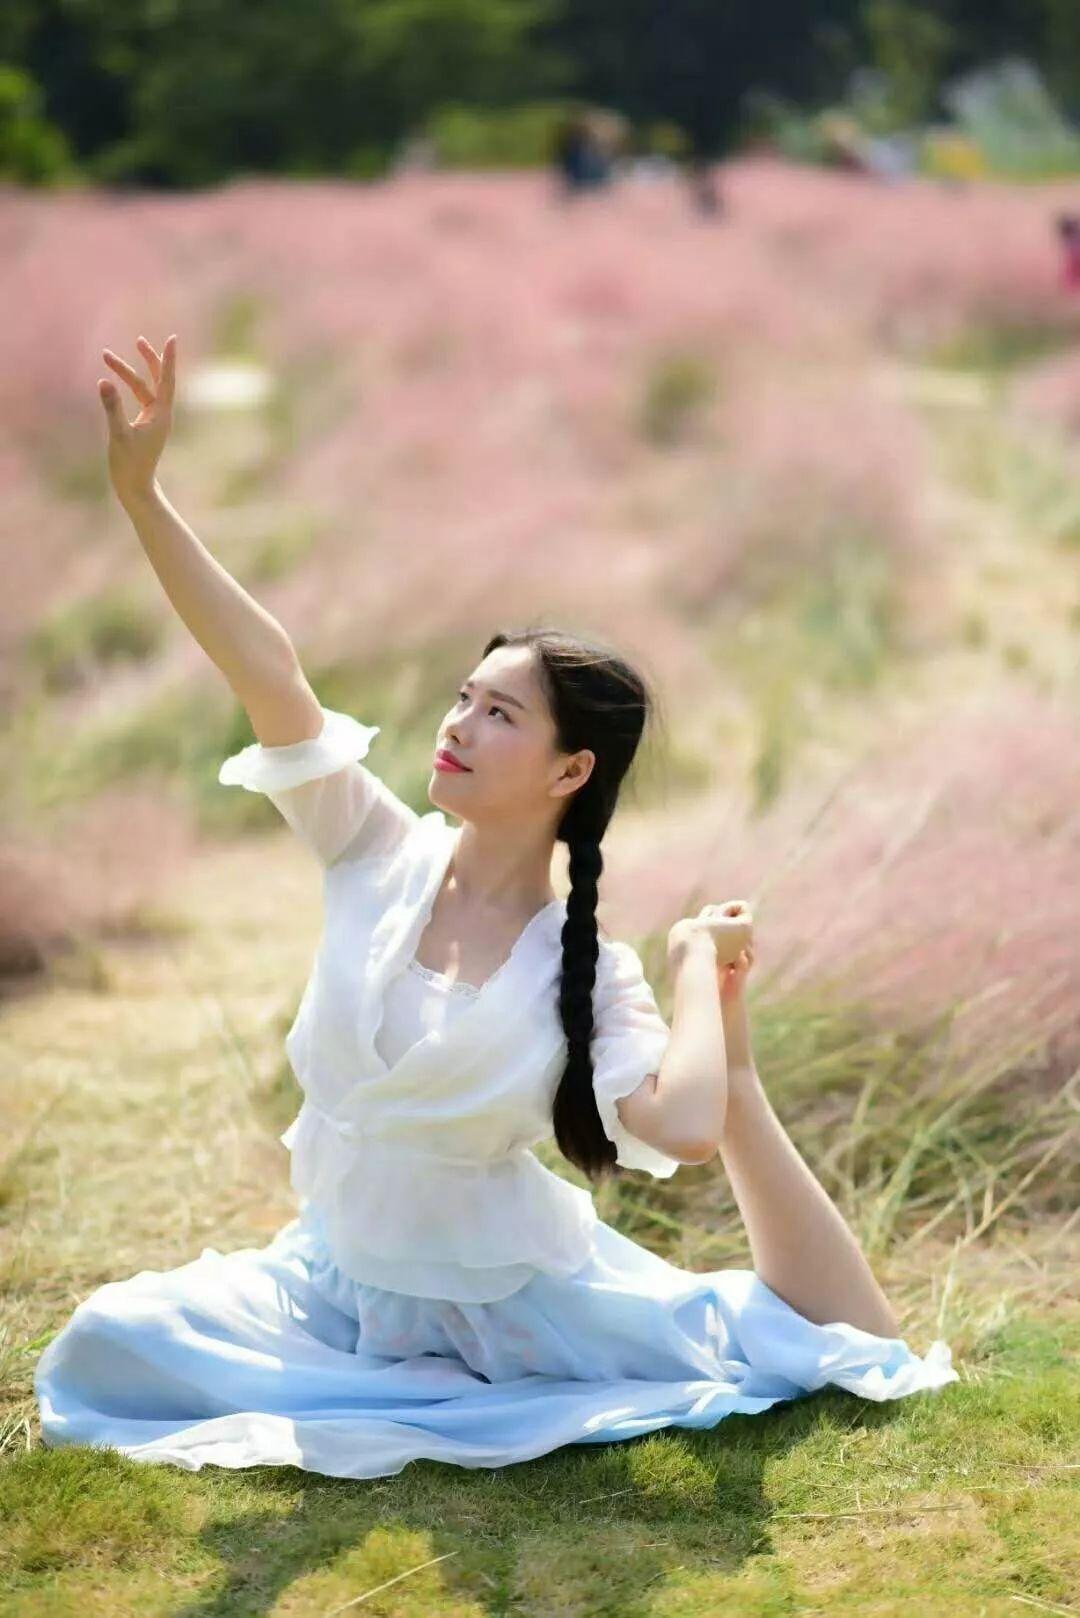 (5)(周日)秋日微风,红粉佳人徜徉在粉红田野,你约么?-户外活动图-驼铃网